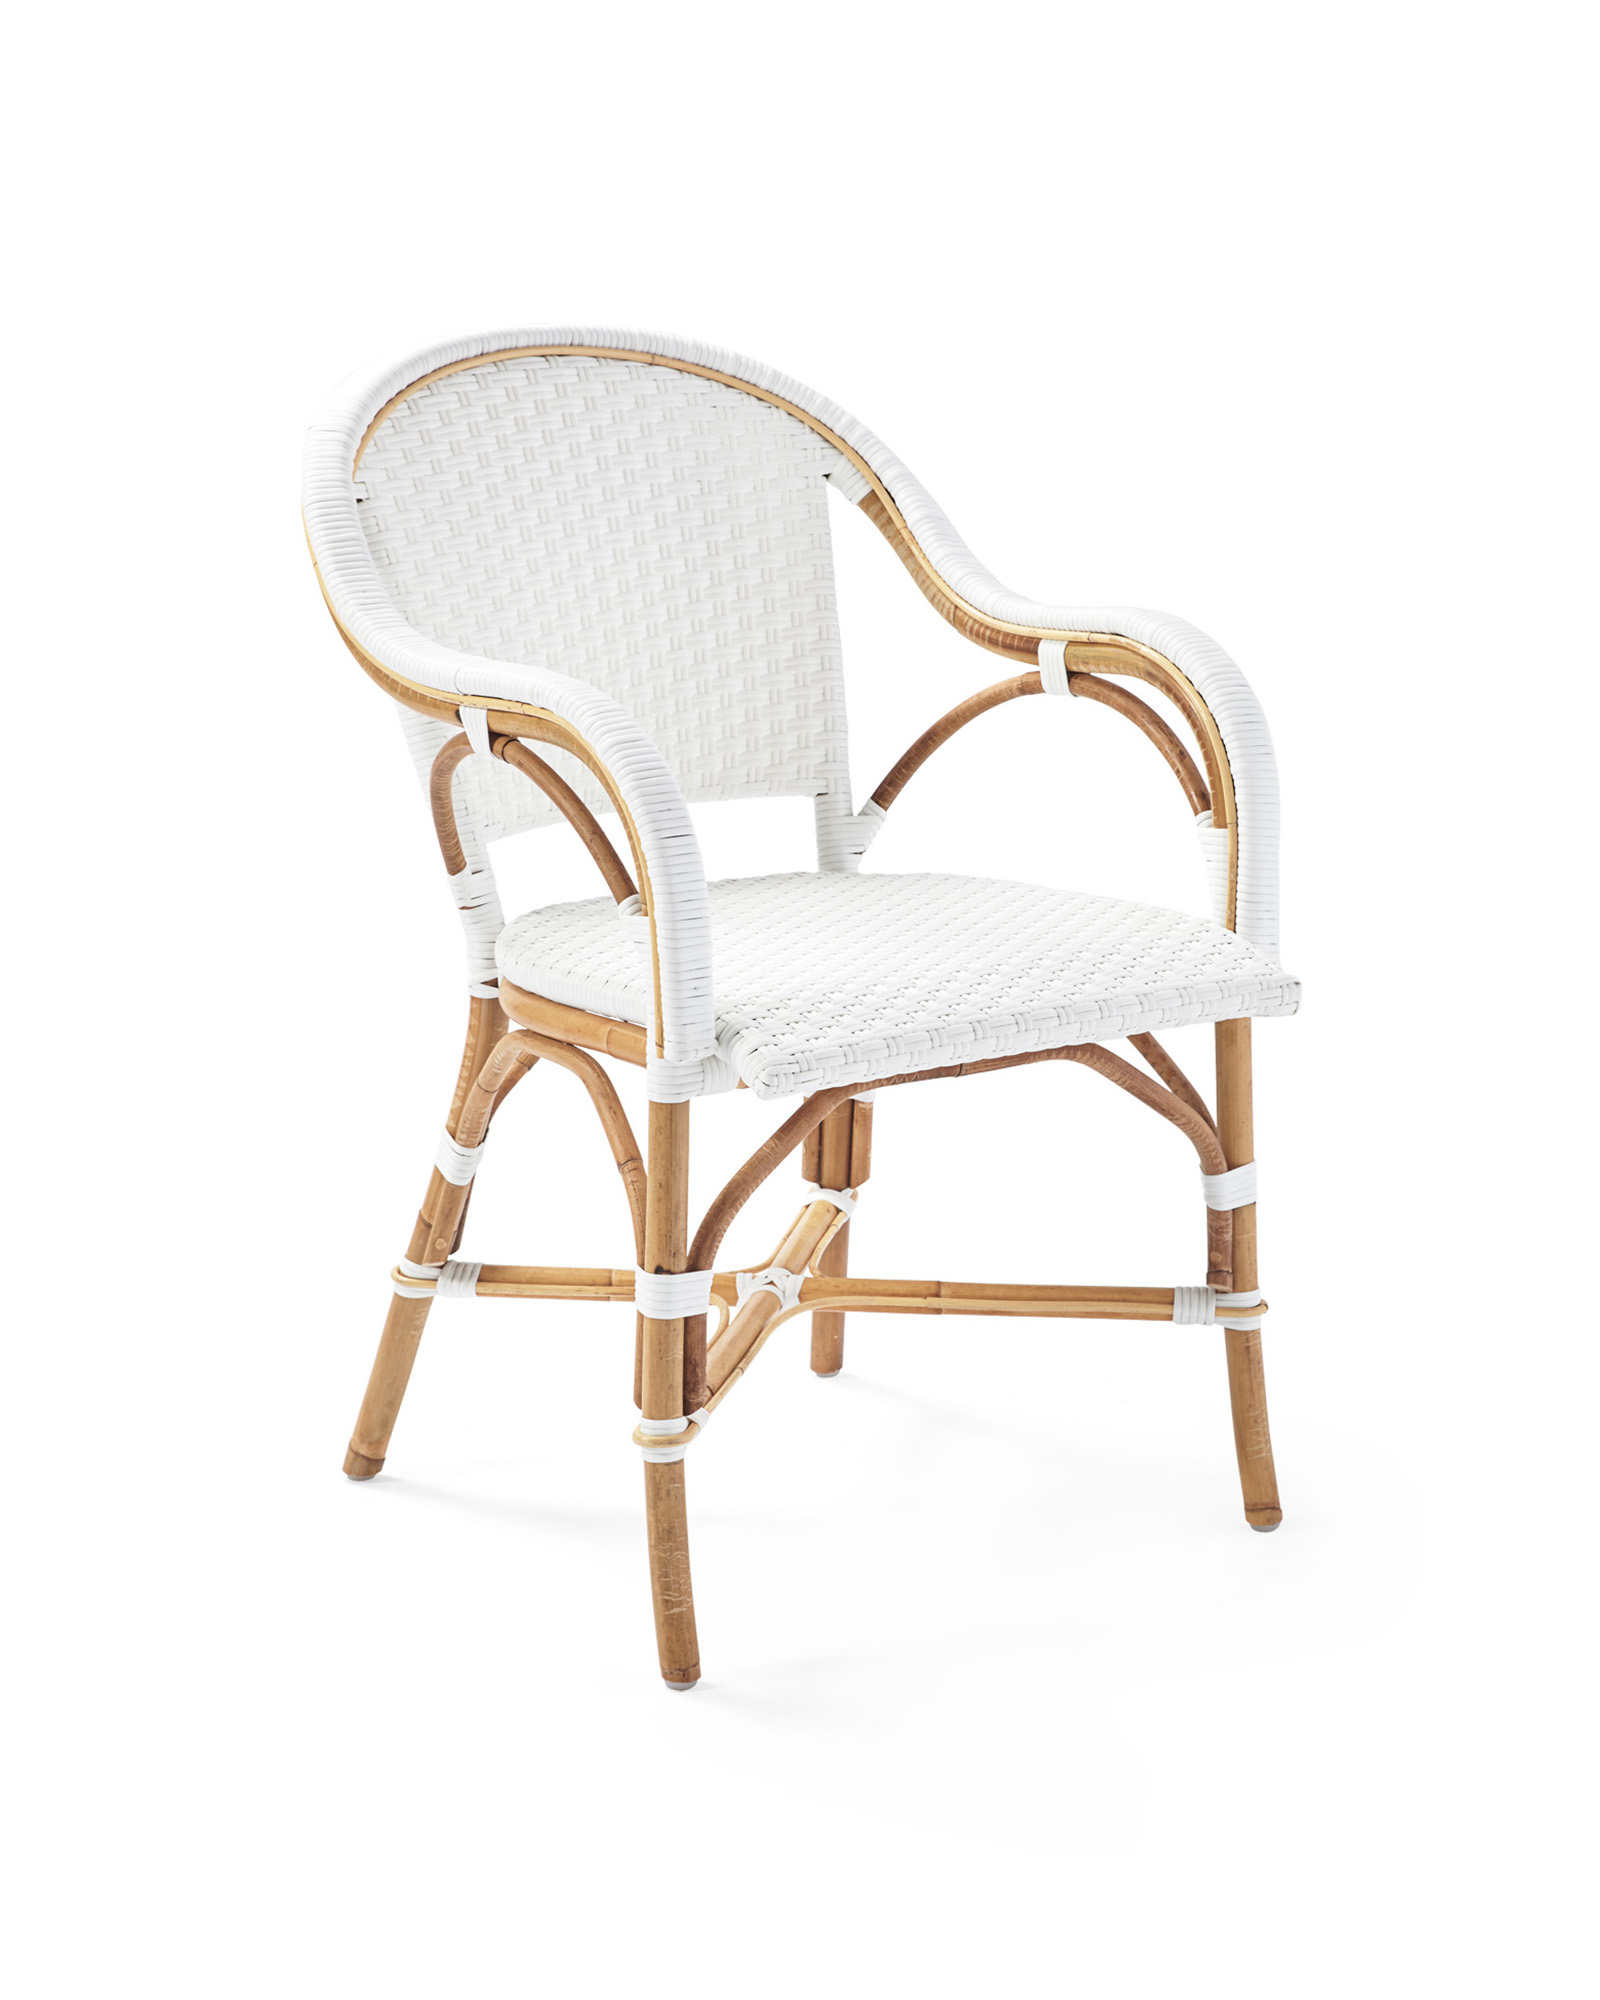 Furn_New_Riviera_Arm_Chair_White_Angle_MV_0151_Crop_SH.jpg